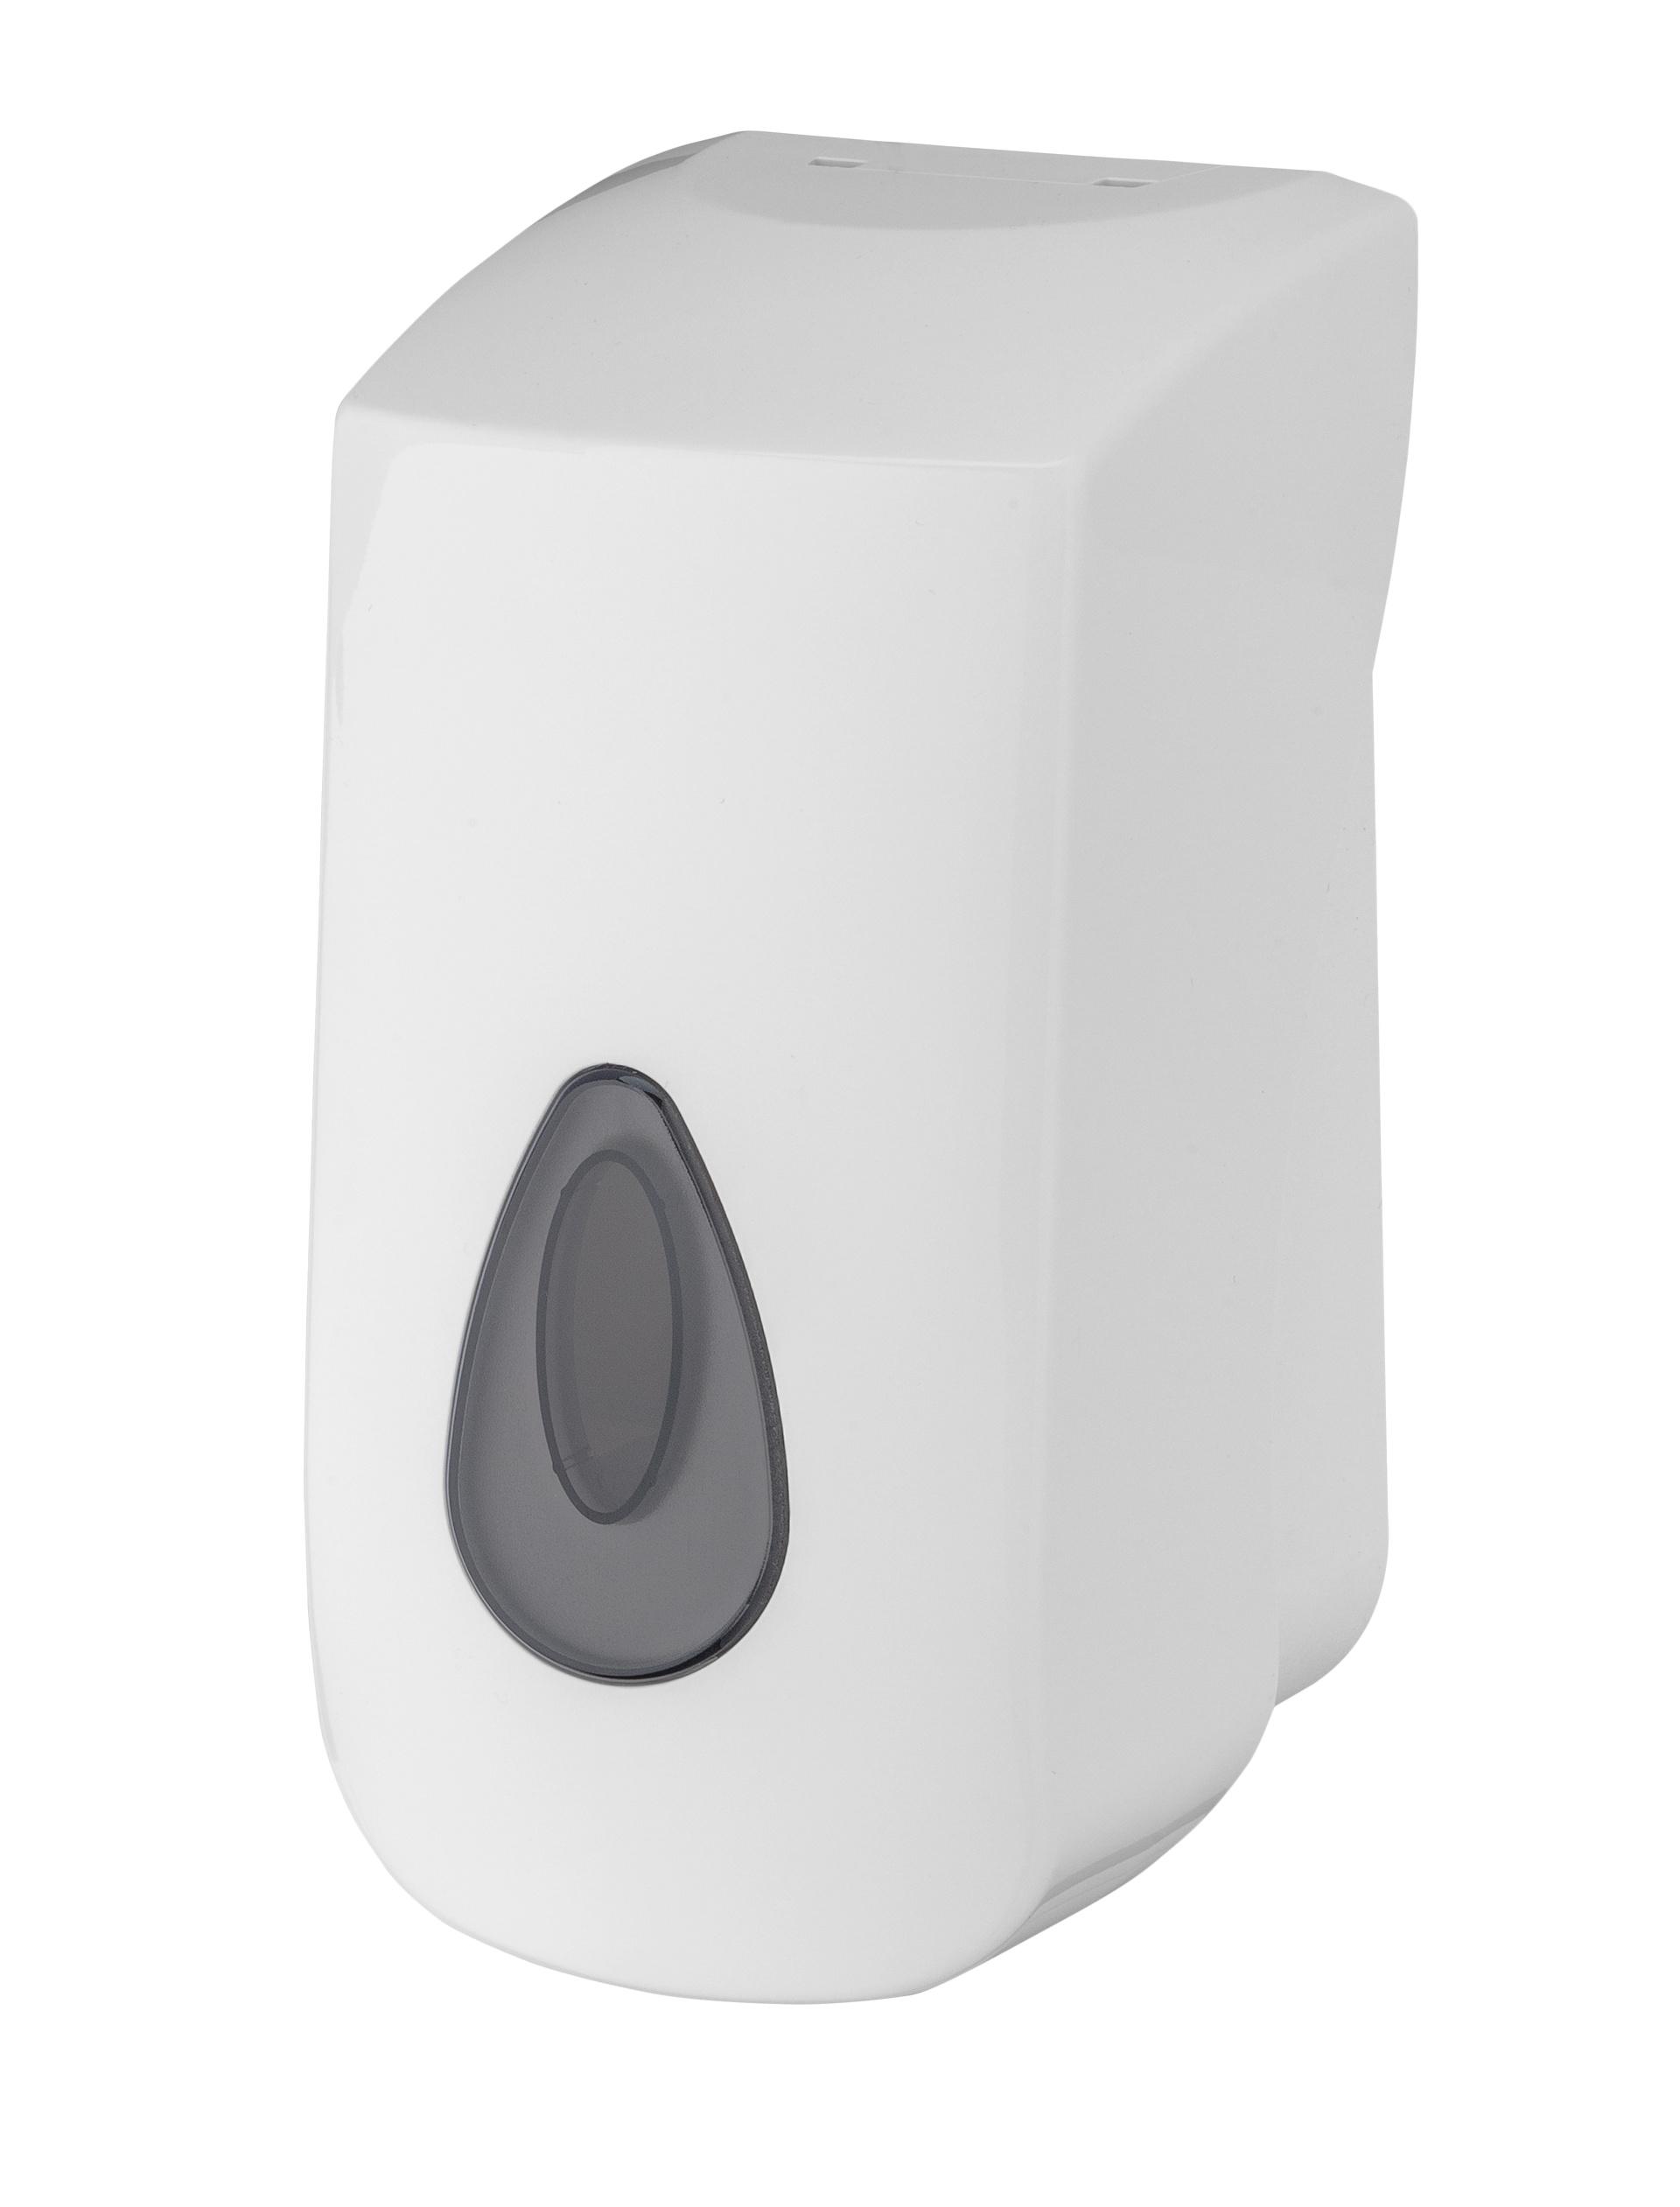 Schaumseifenspender, Kunststoff mit Sichtfenster, weiß, 400 ml